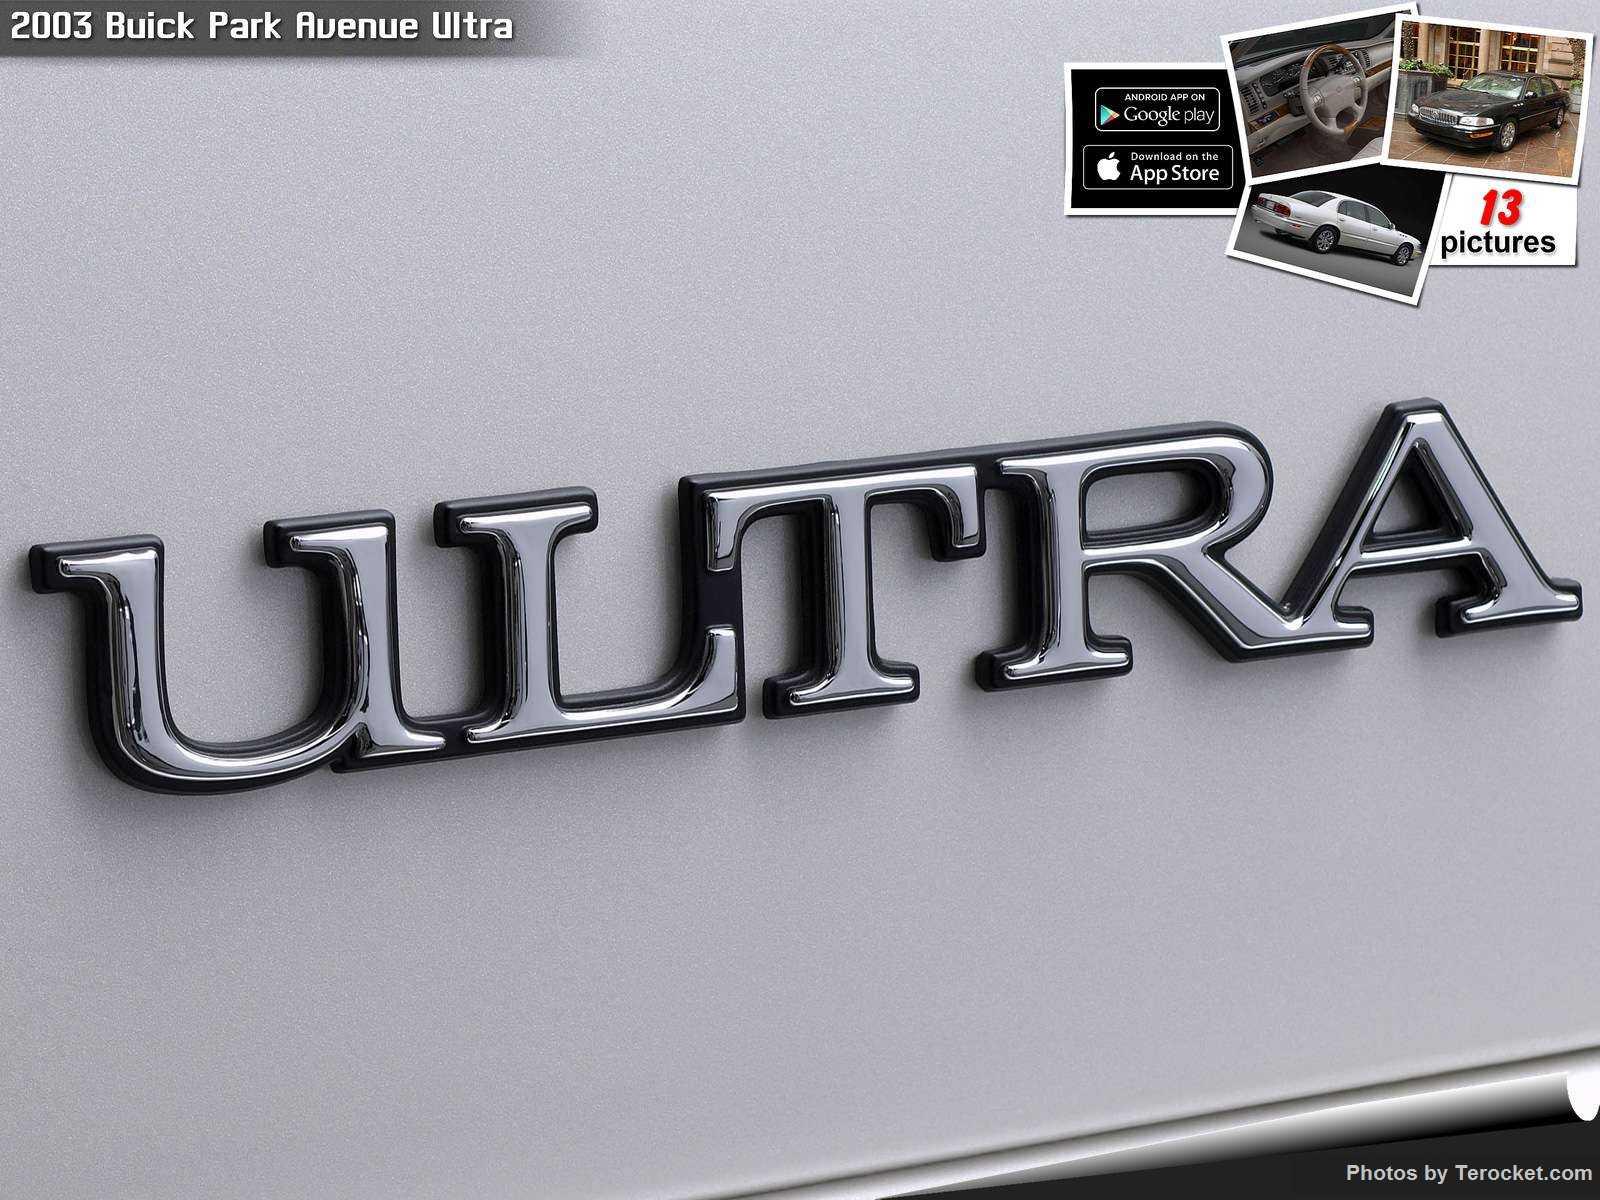 Hình ảnh xe ô tô Buick Park Avenue Ultra 2003 & nội ngoại thất